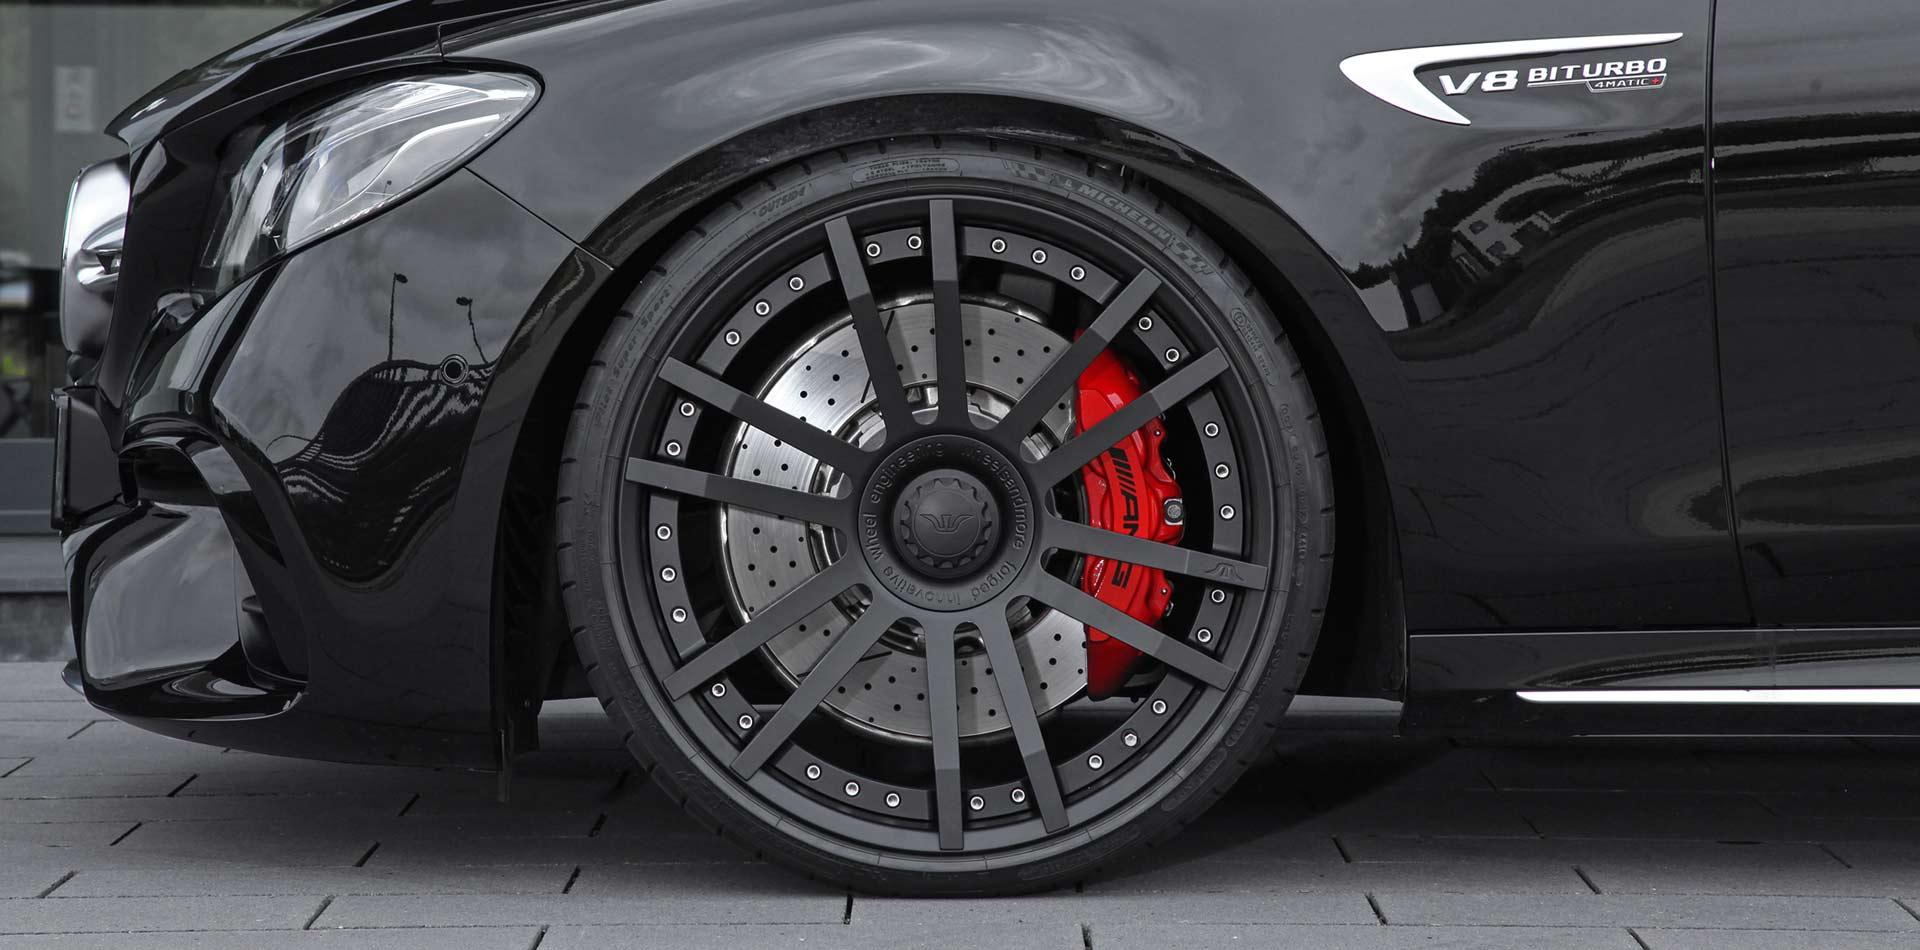 Perfekter Auftrit – FIWE Felge und AMG E63S Bremsanlage